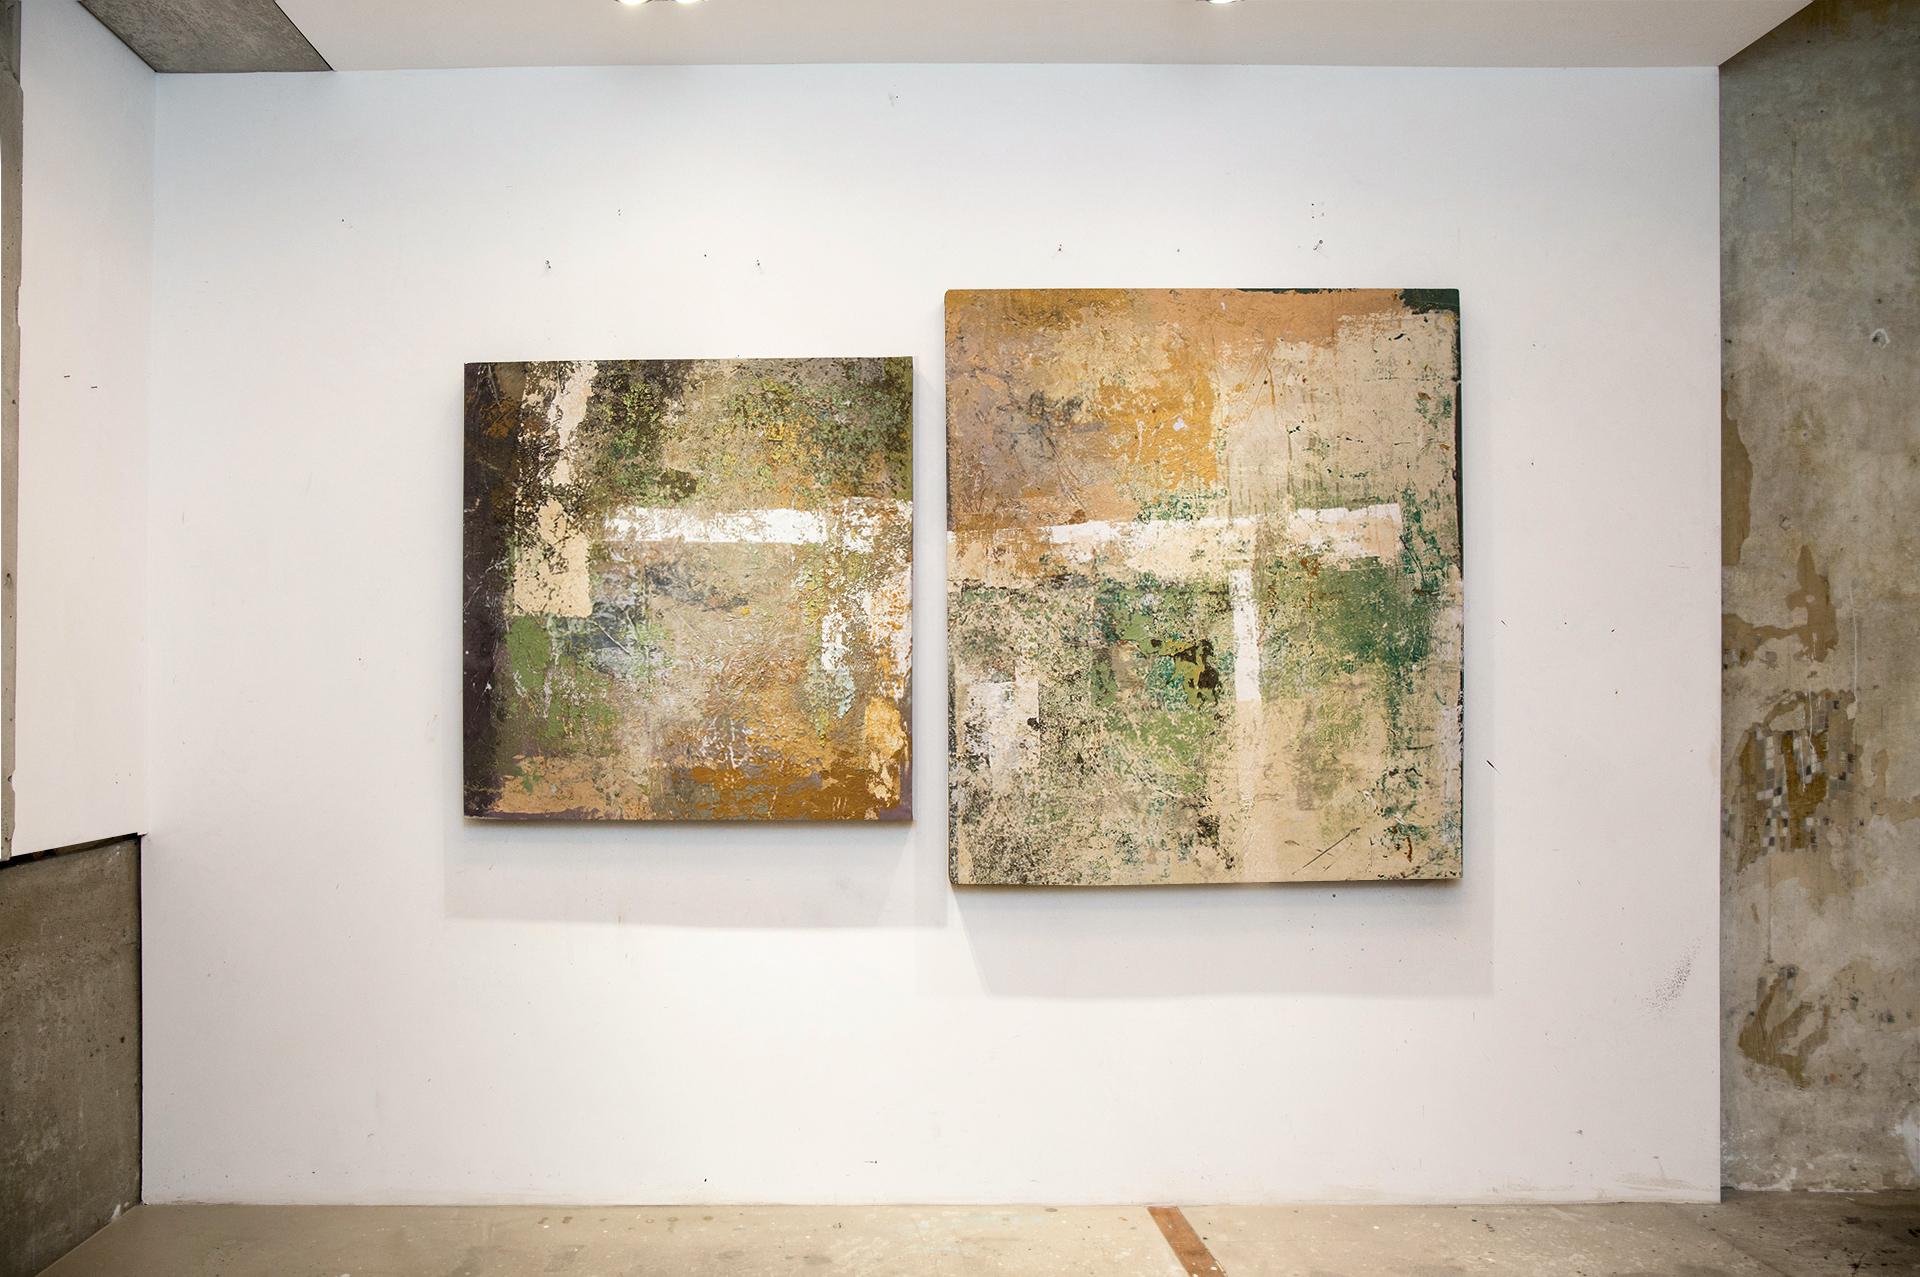 7_gemaelde_paintings_white_wall